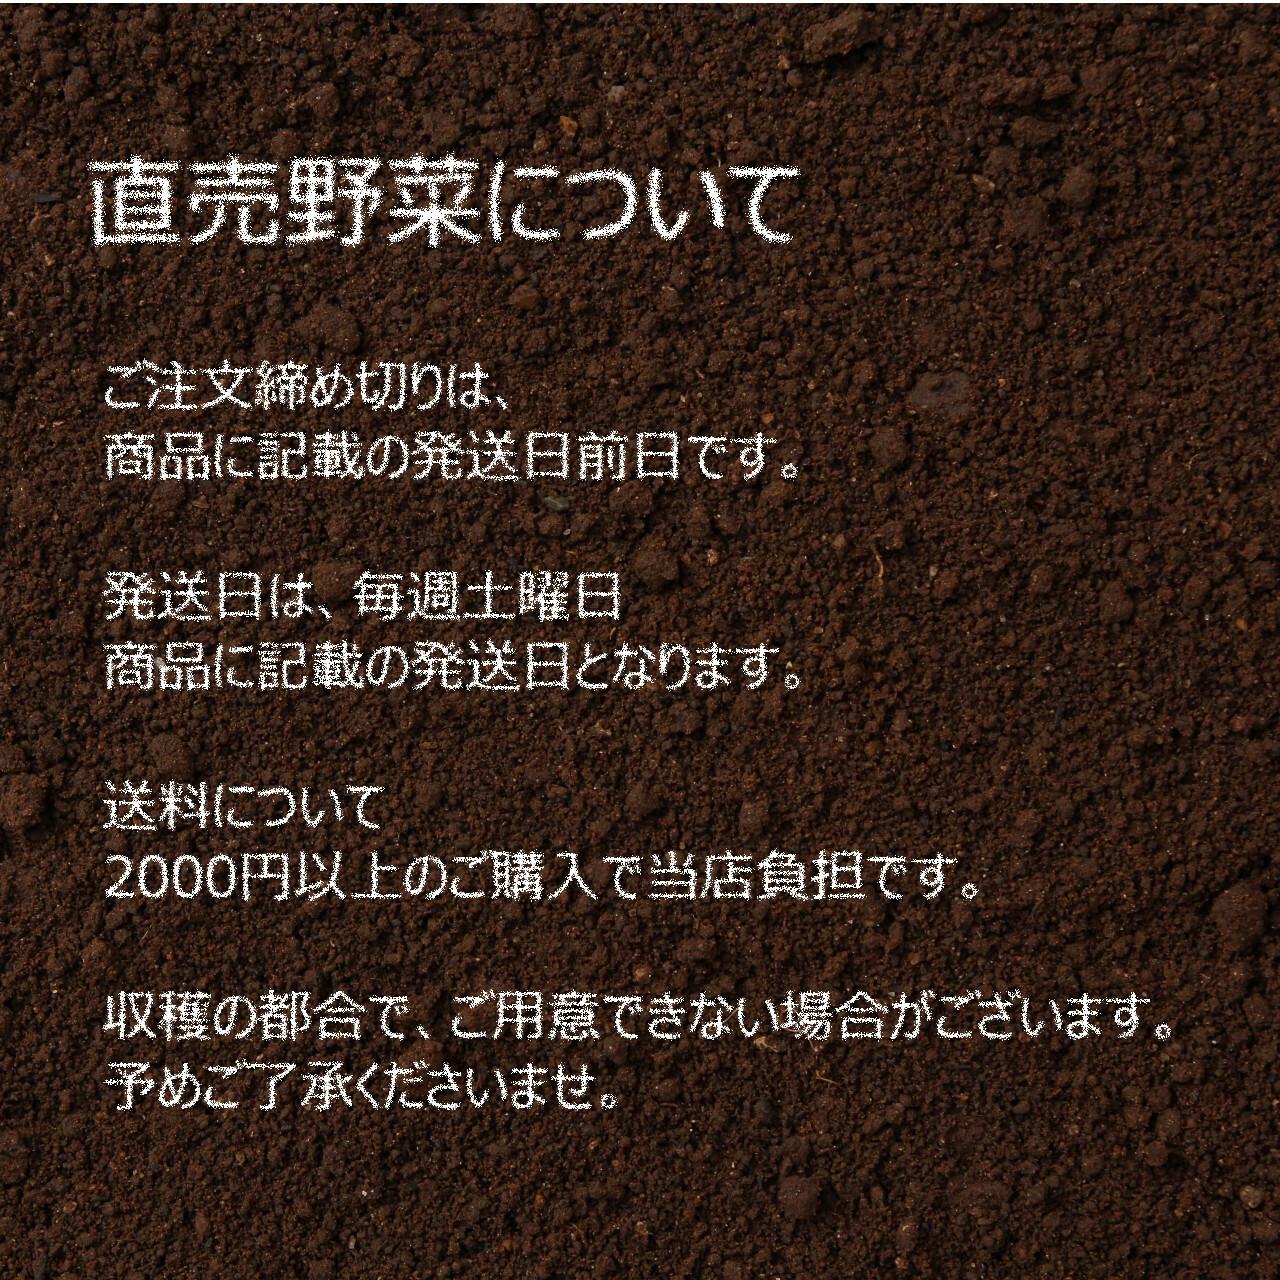 5月の朝採り直売野菜 キャベツ 1個 5月4日発送予定